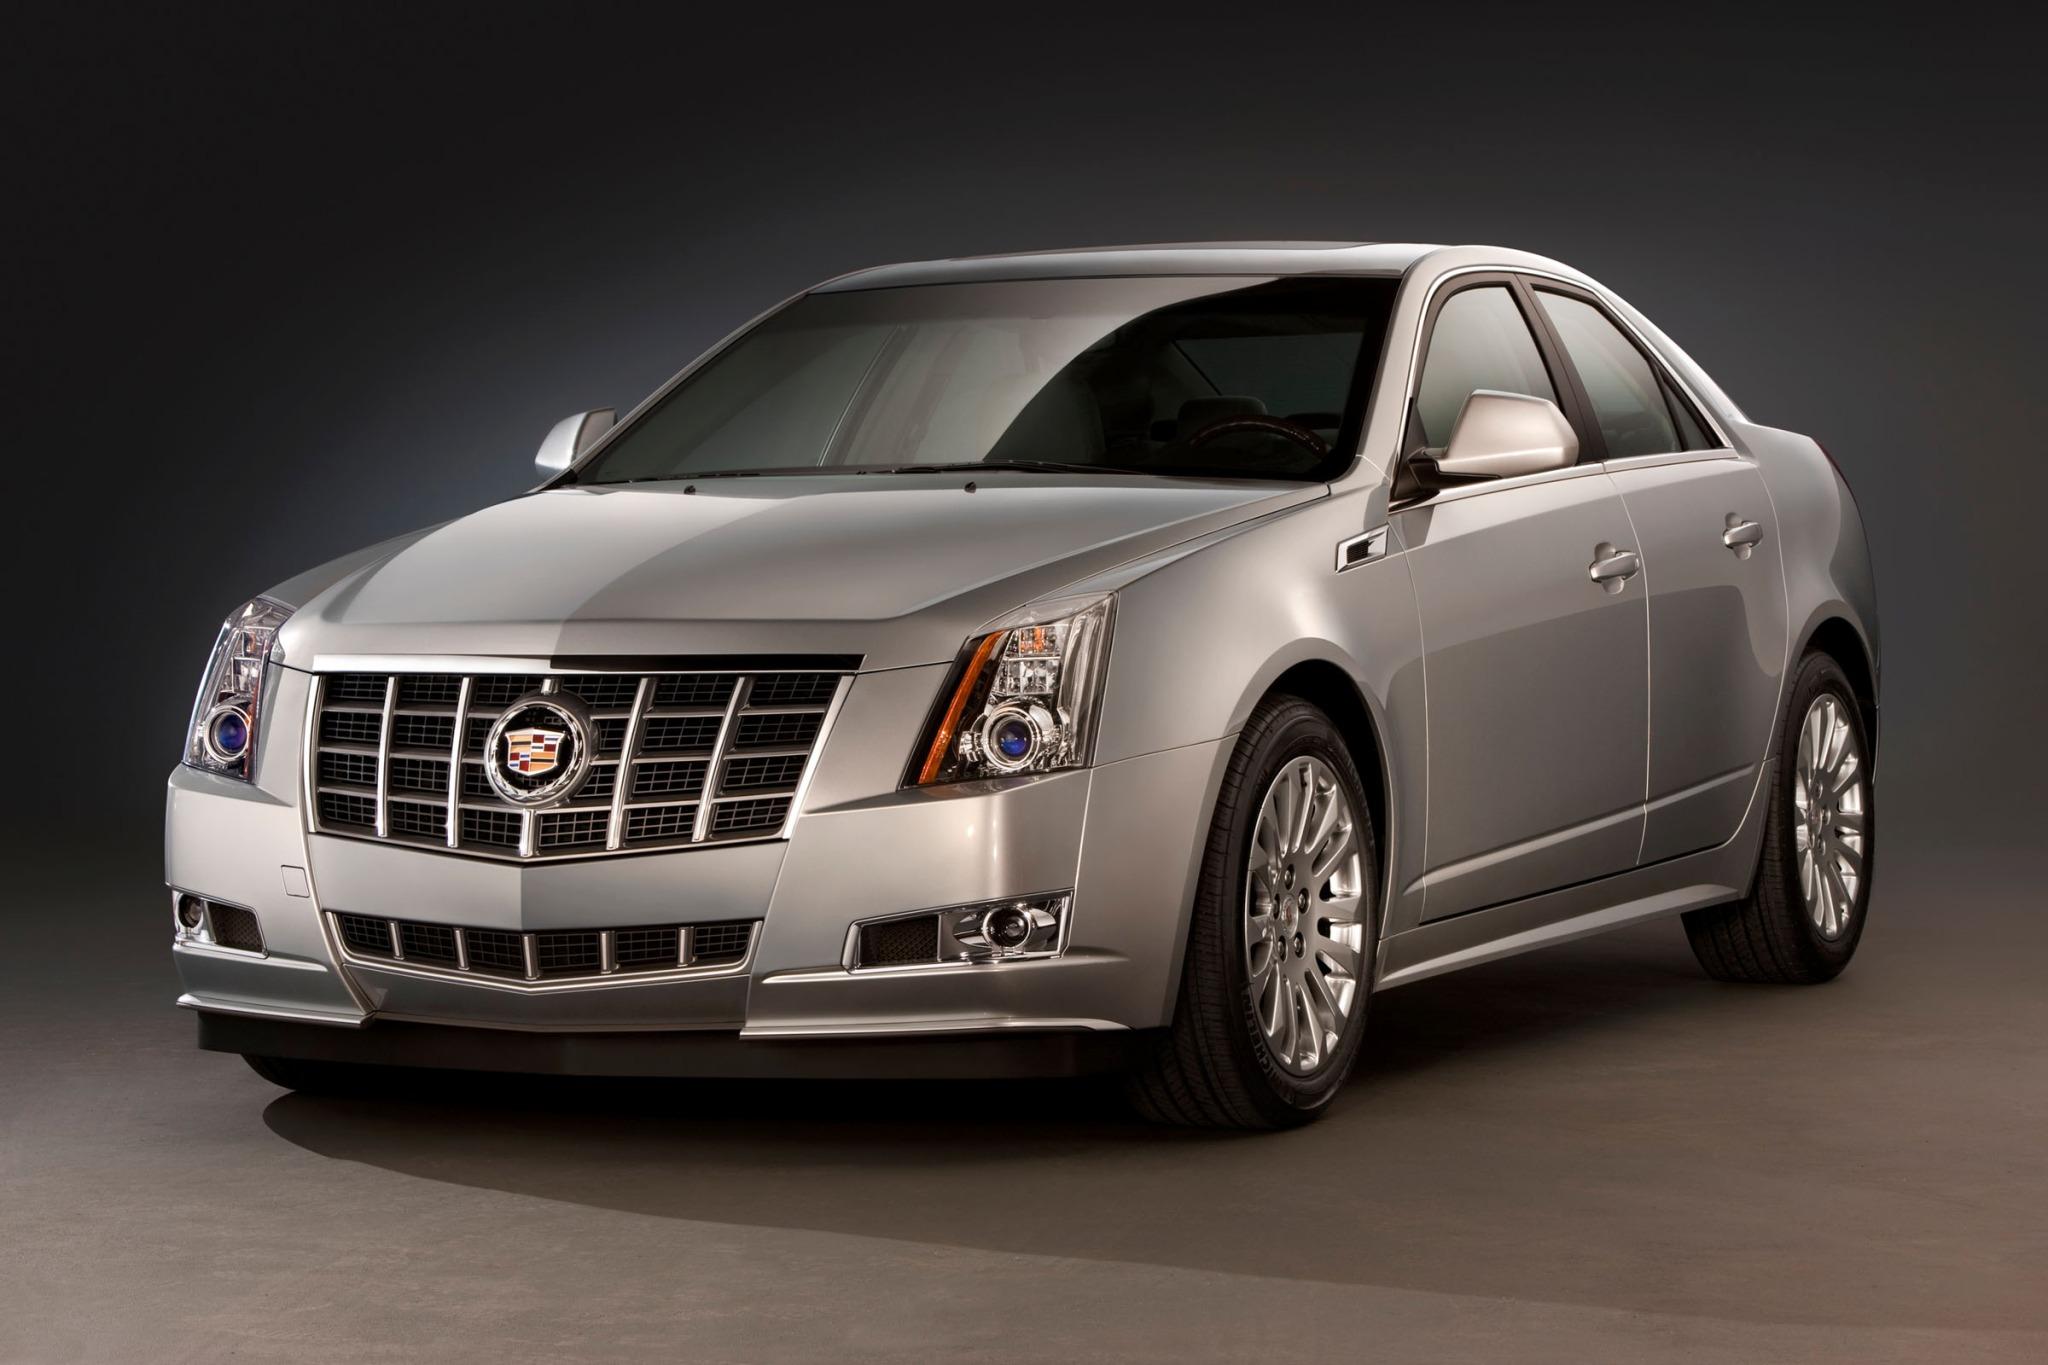 2013 cadillac cts sedan premium fq oem 1 2048